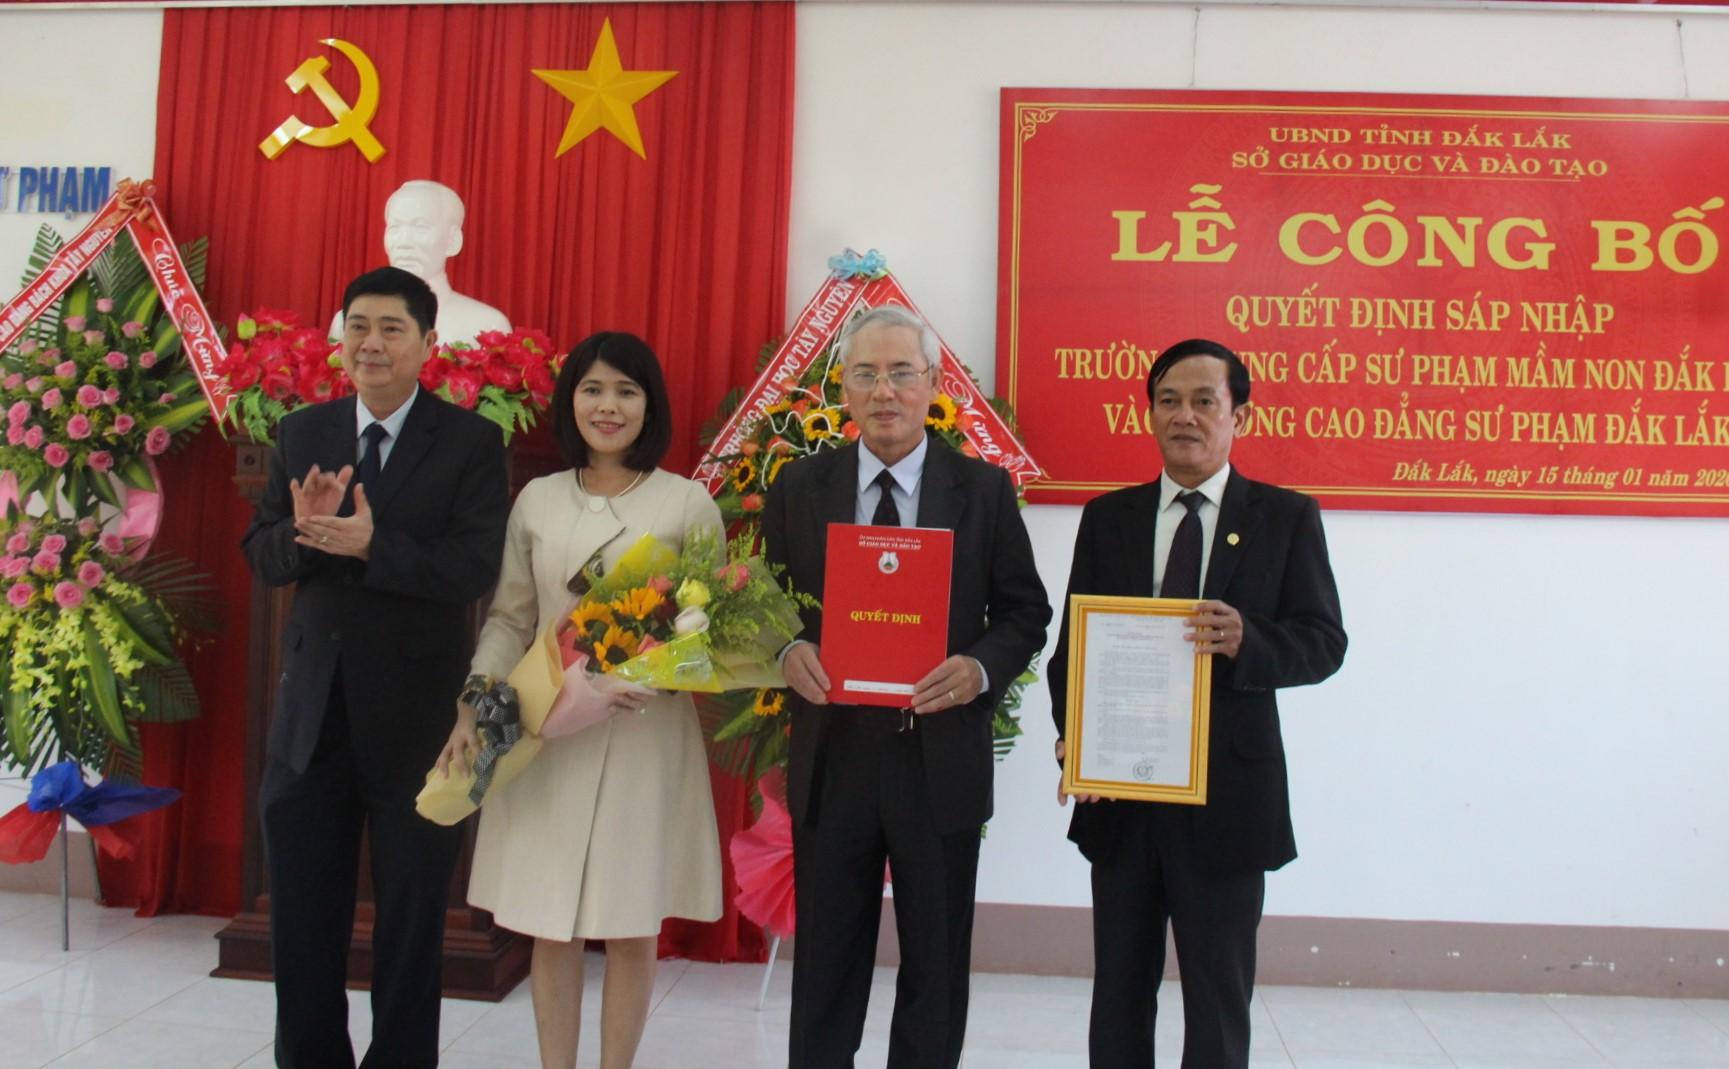 Sáp nhập Trường Trung cấp Sư phạm Mầm non Đắk Lắk vào Trường Cao đẳng Sư phạm Đắk Lắk